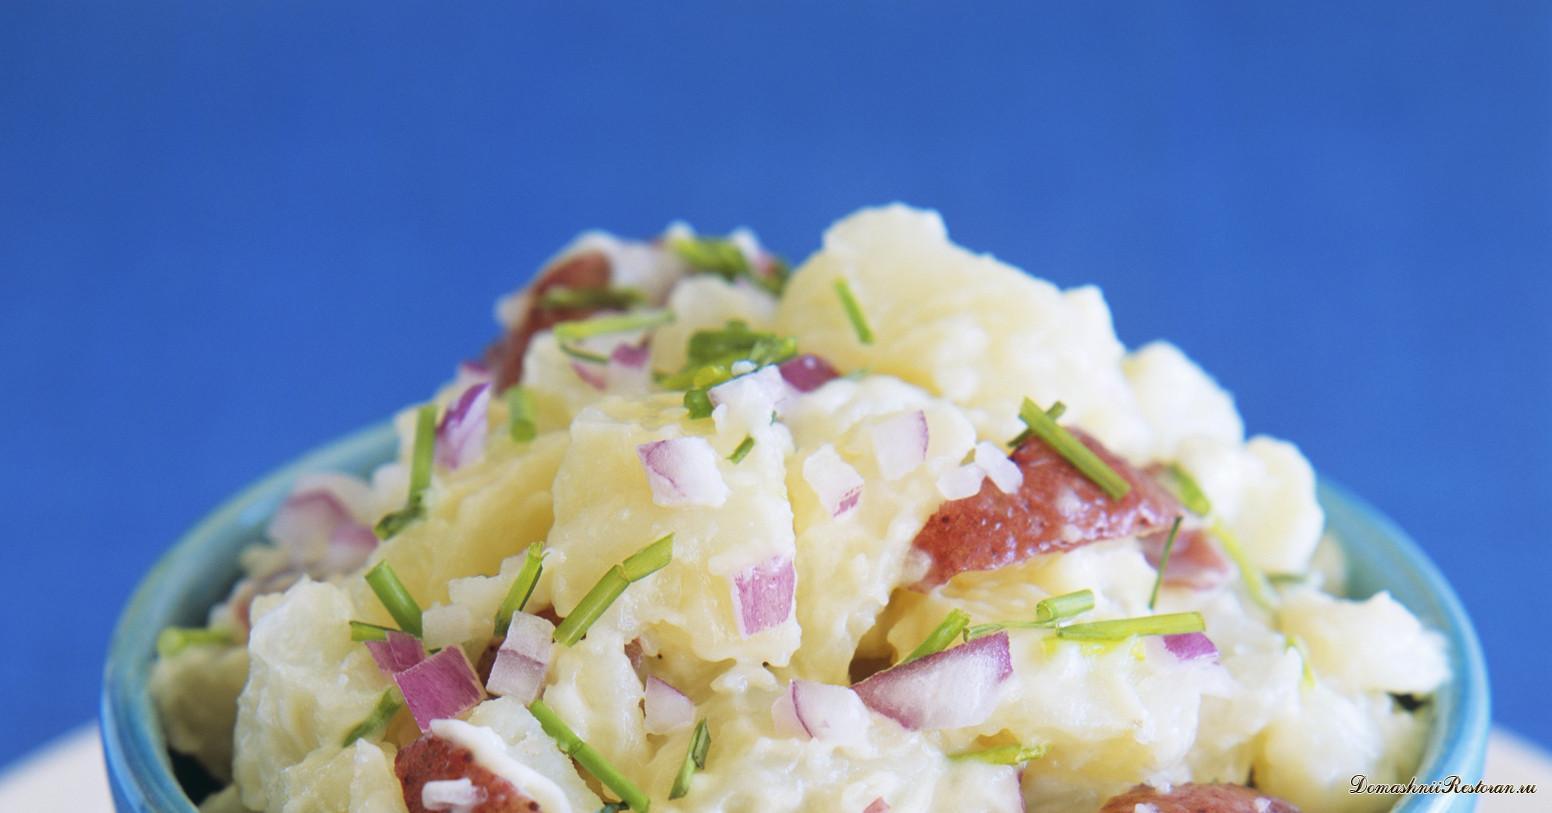 Картофельный салат по-берлински